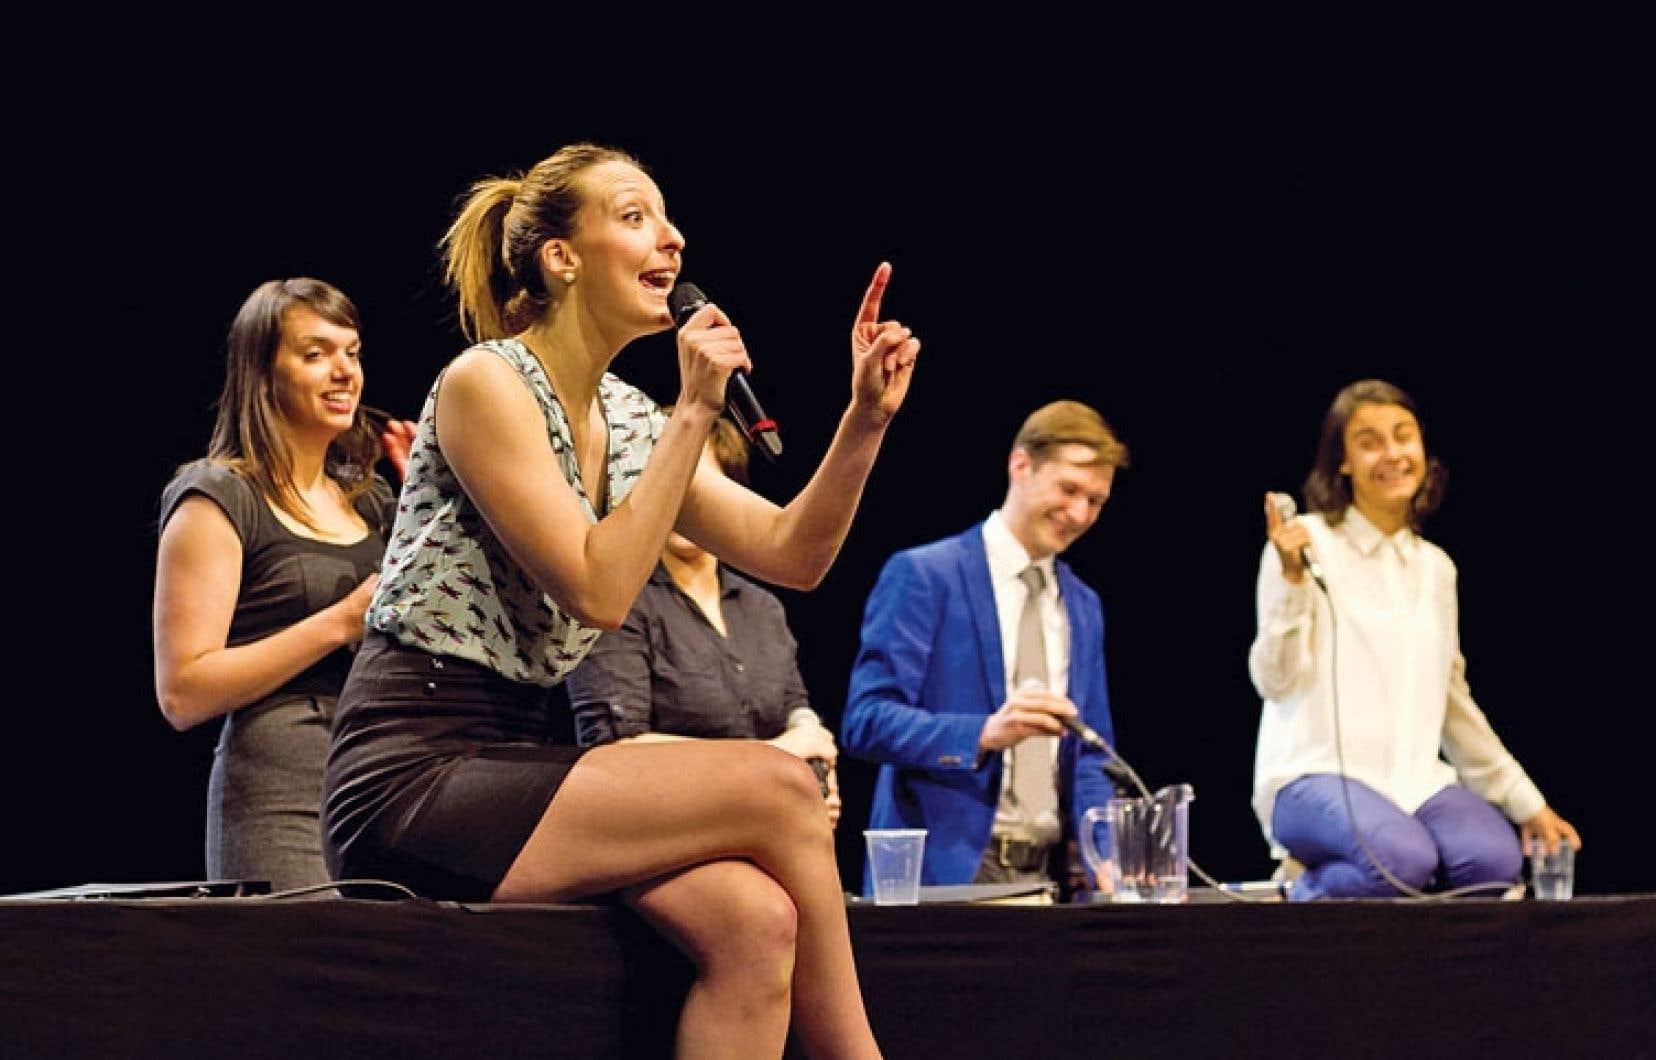 Le NoShow regroupe sept comédiens qui siègent devant le public comme s'il s'agissait d'une assemblée générale.